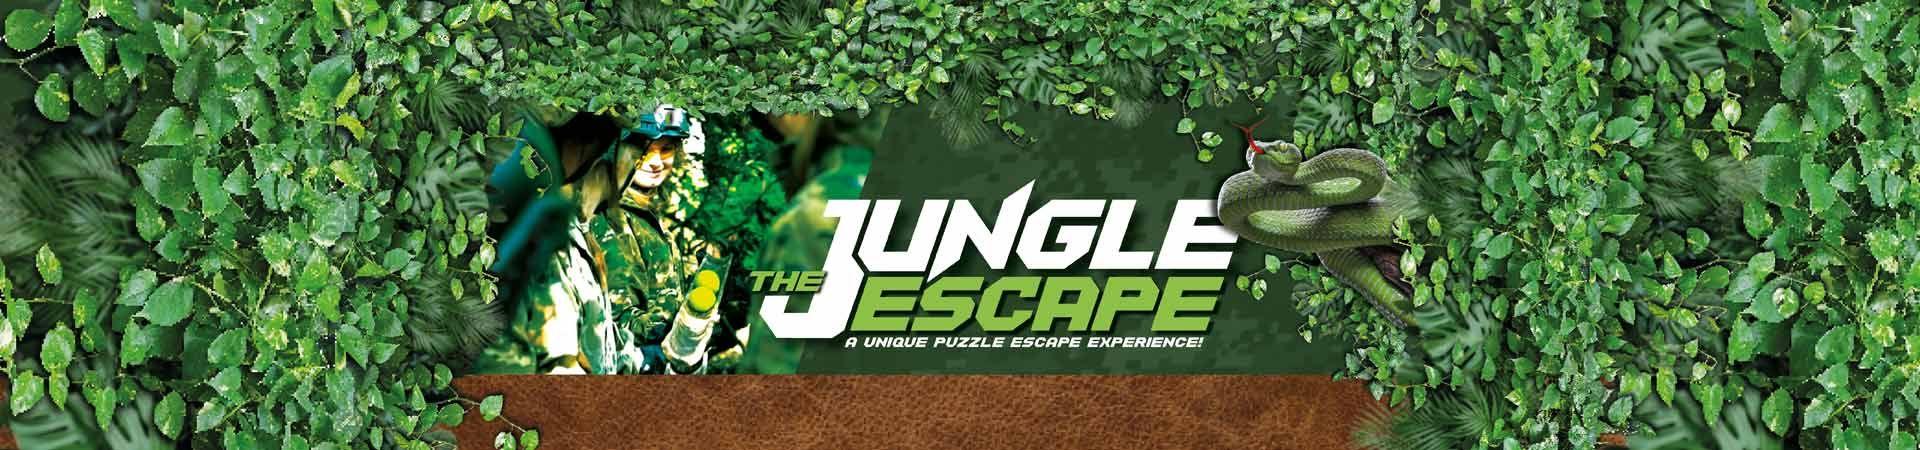 hen jungle escape